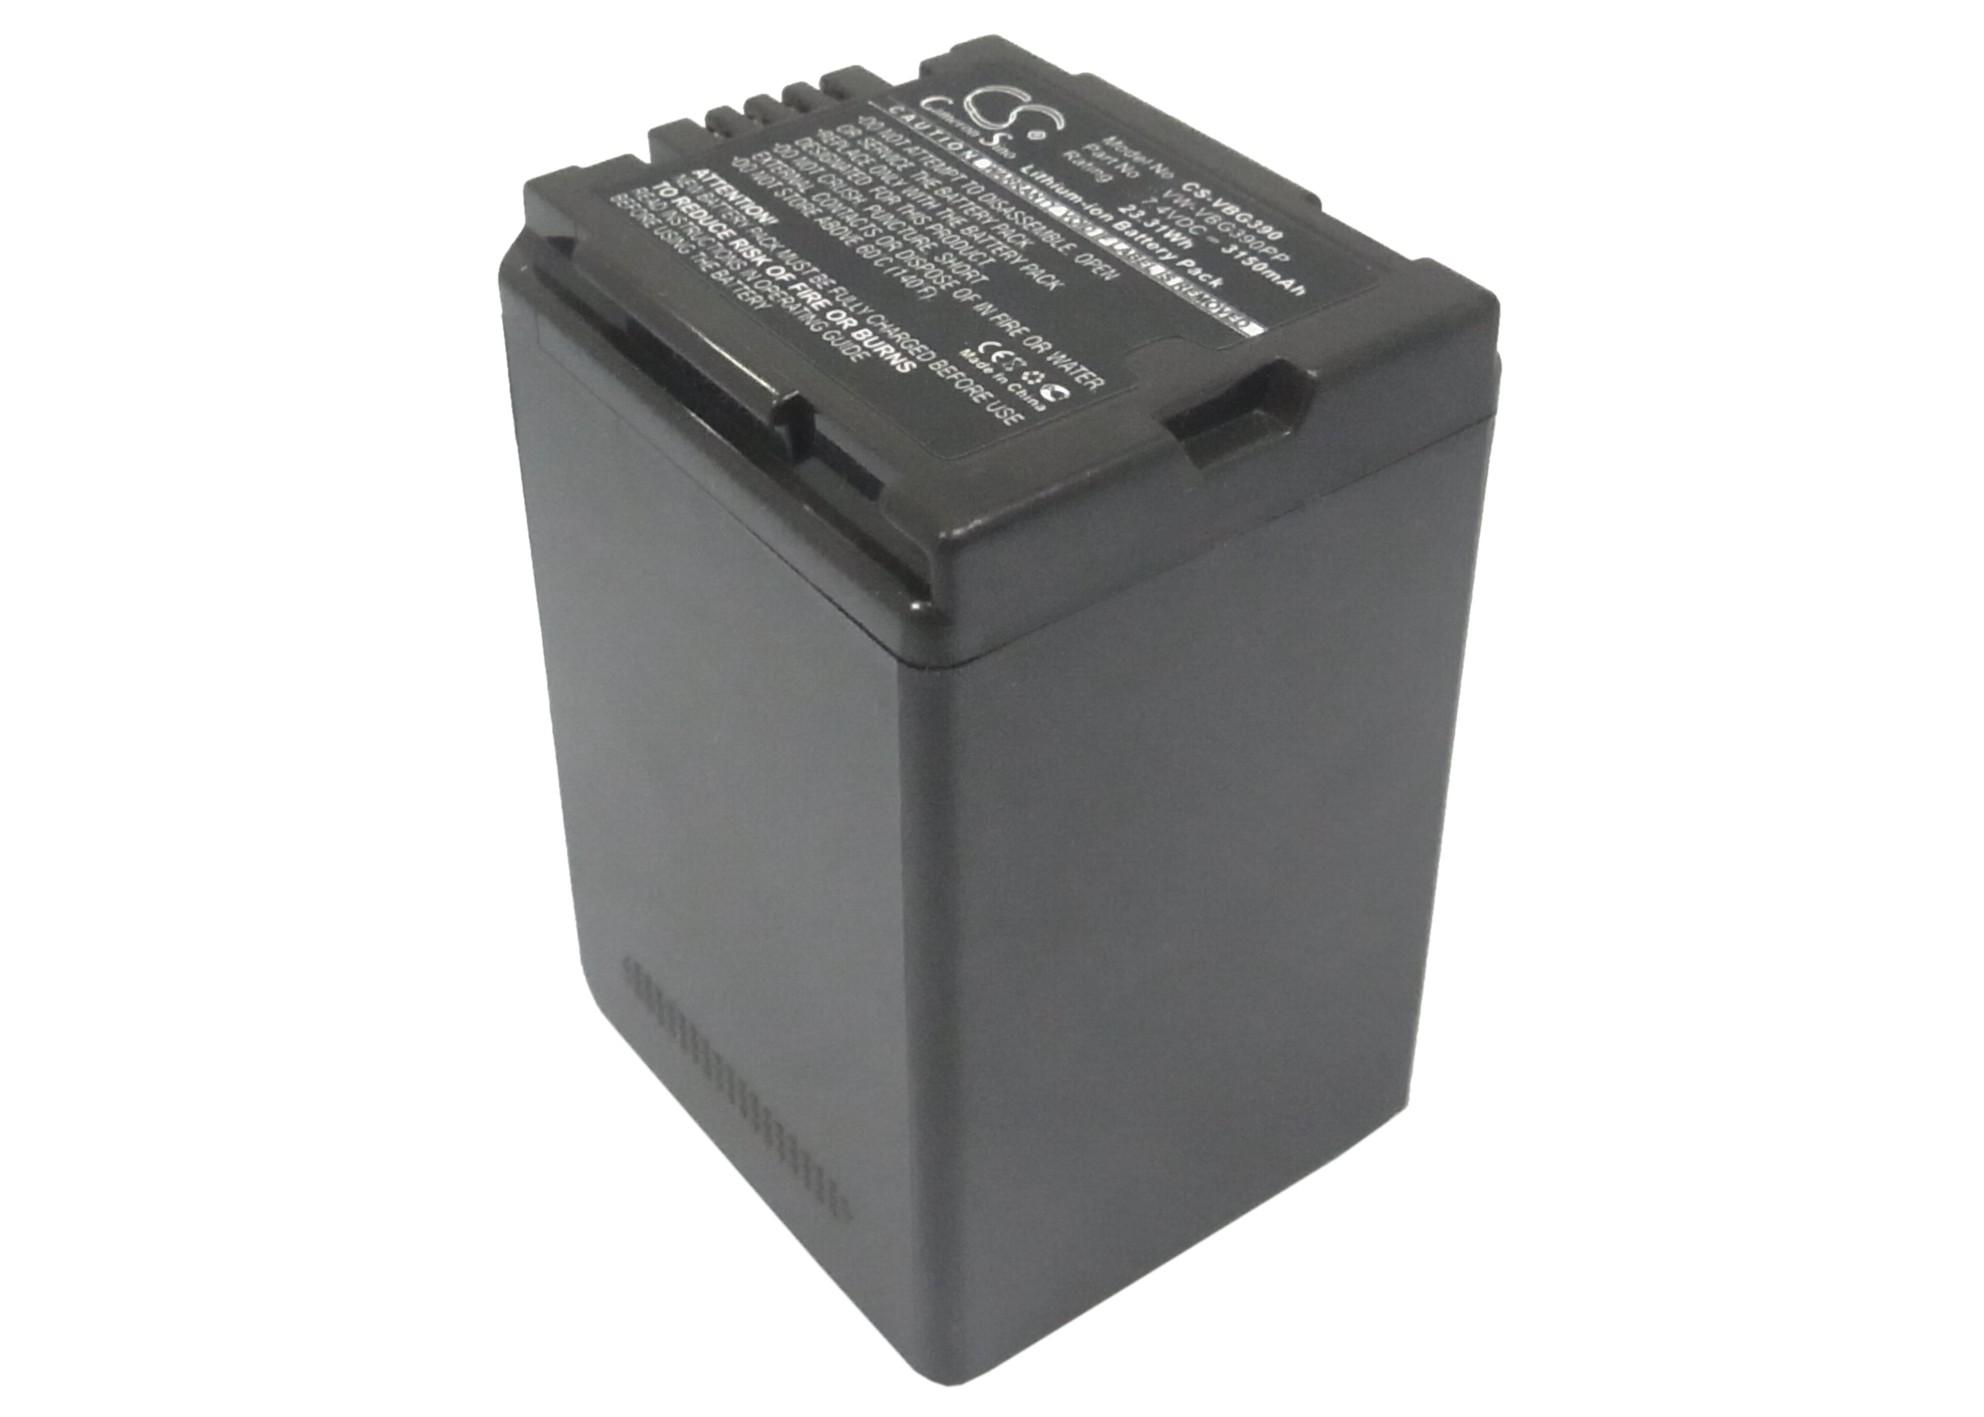 Cameron Sino baterie do kamer a fotoaparátů pro PANASONIC SDR-H80 7.4V Li-ion 3150mAh šedá - neoriginální